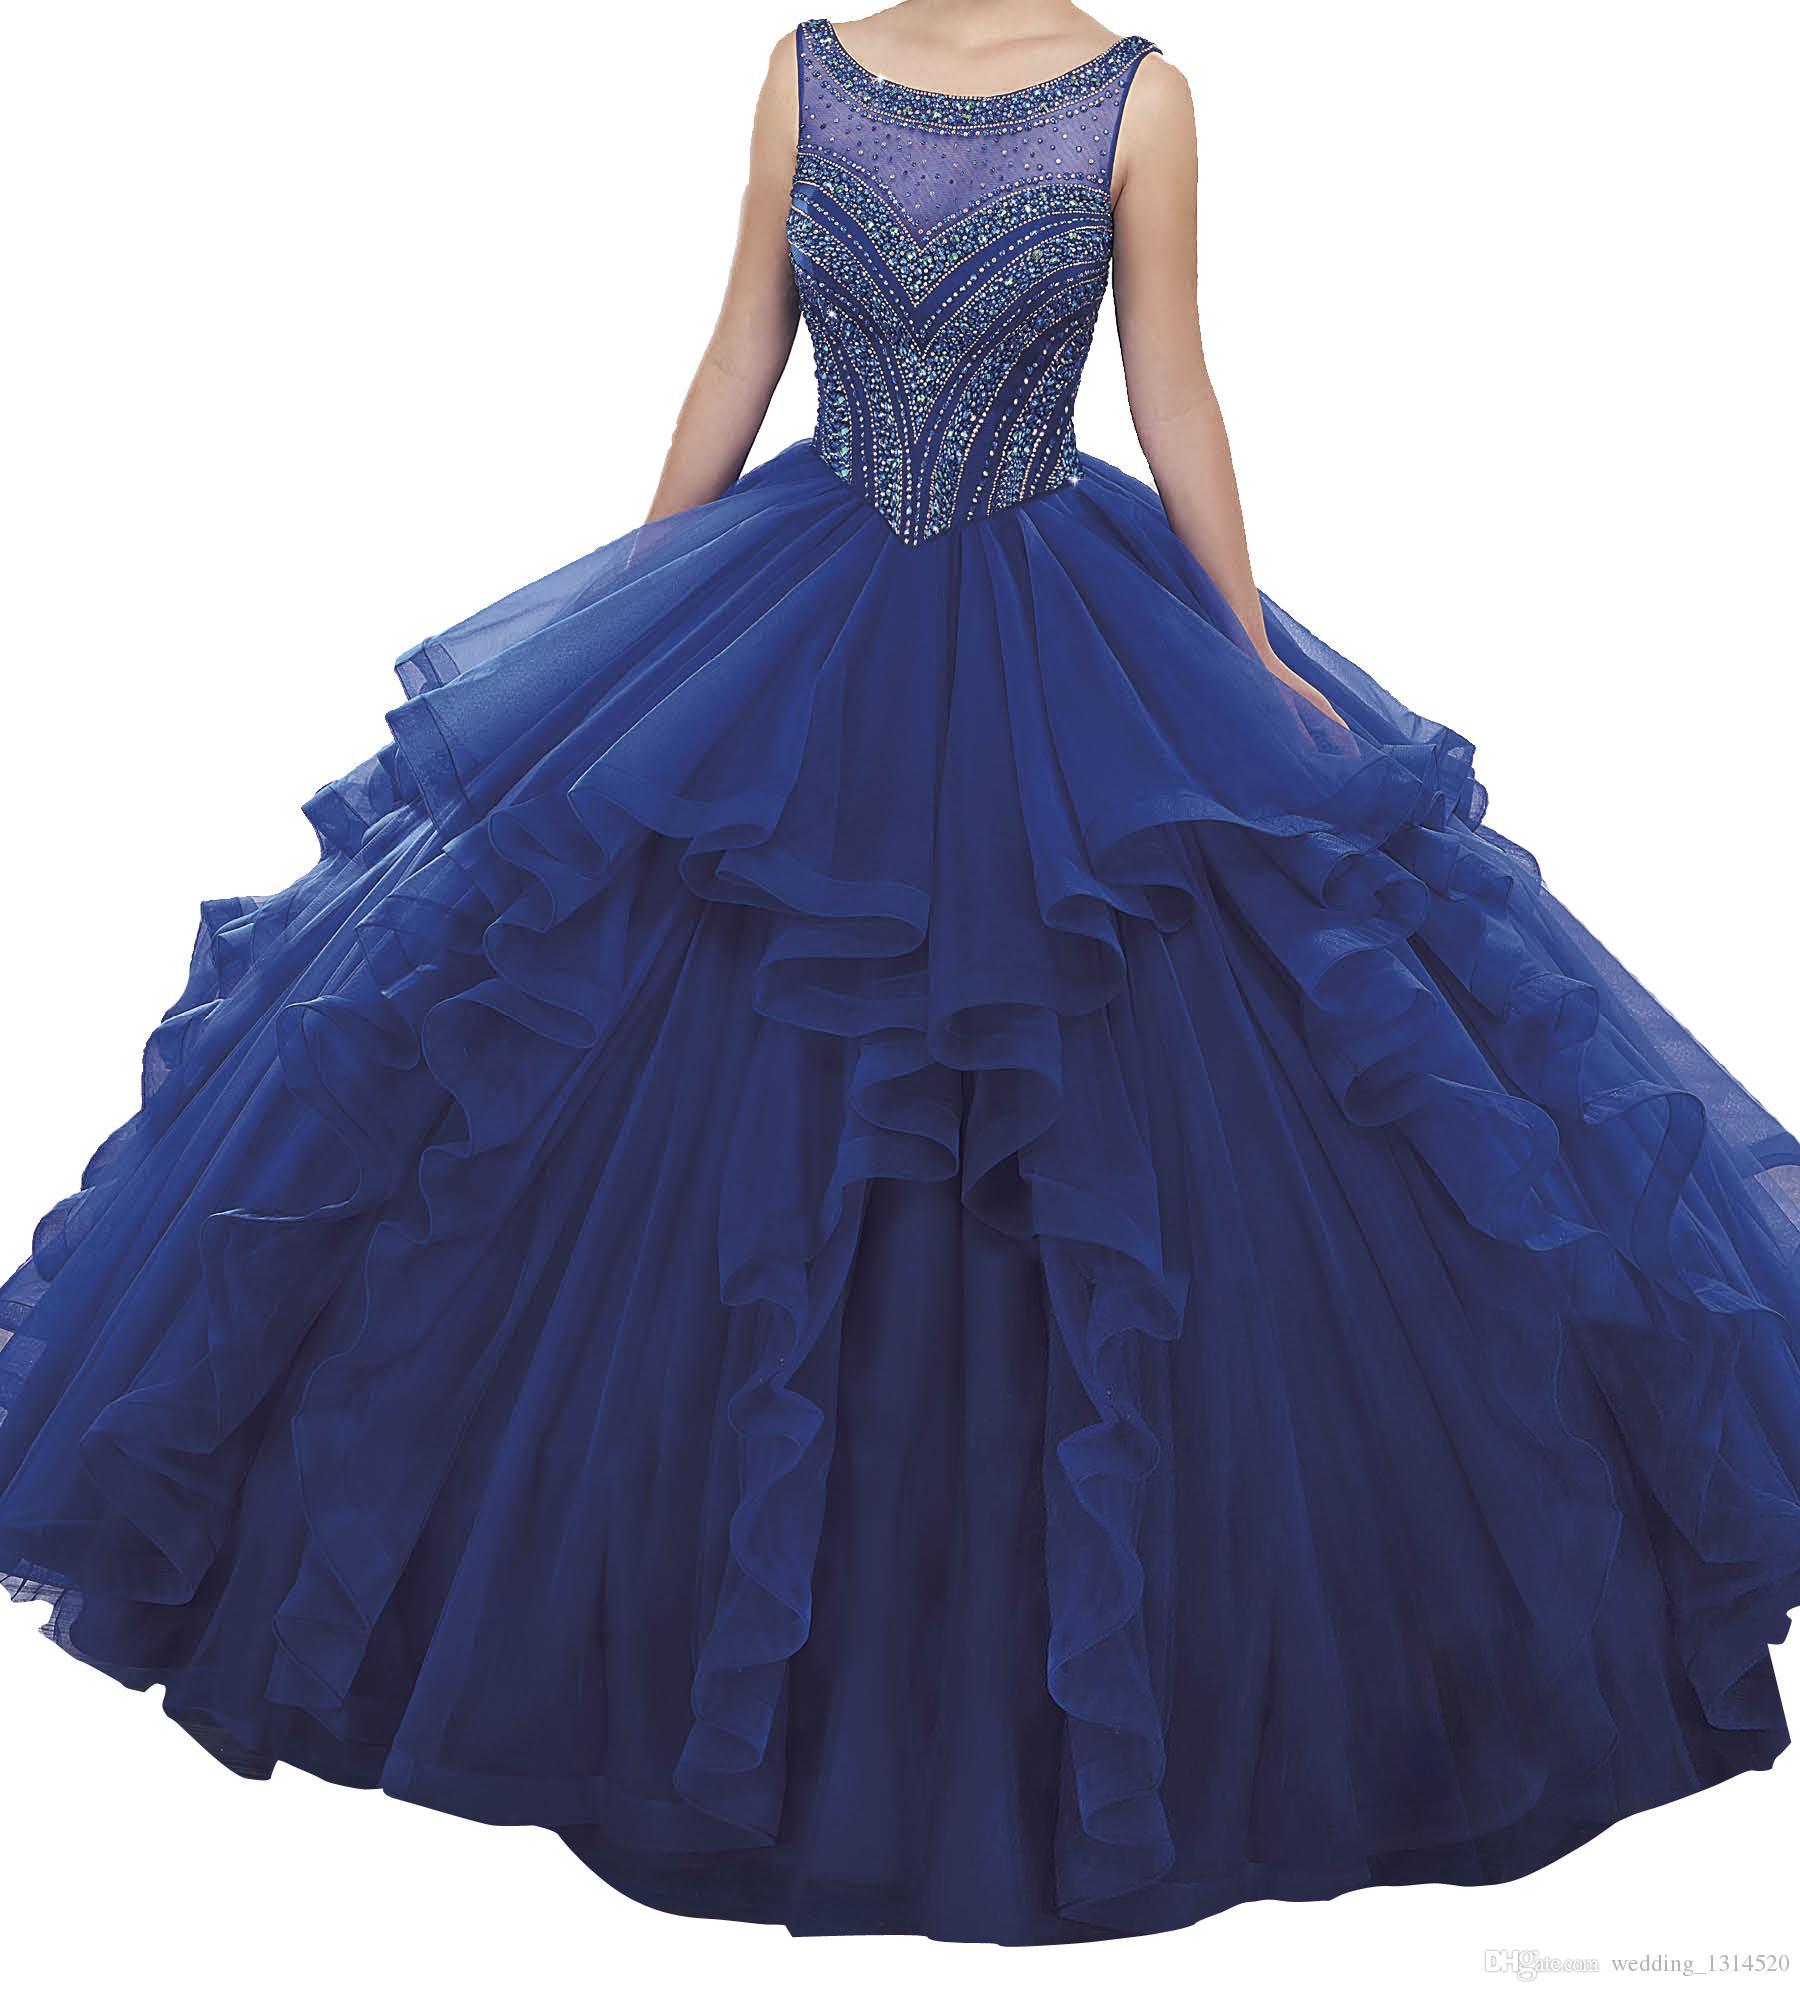 여성 보트 넥 볼 가운 프릴 페르시 2019 새로운 스타일 여자 (15) (16) 성인식 드레스 긴 파티 사용자 정의 백업 가운 레이스를 만든